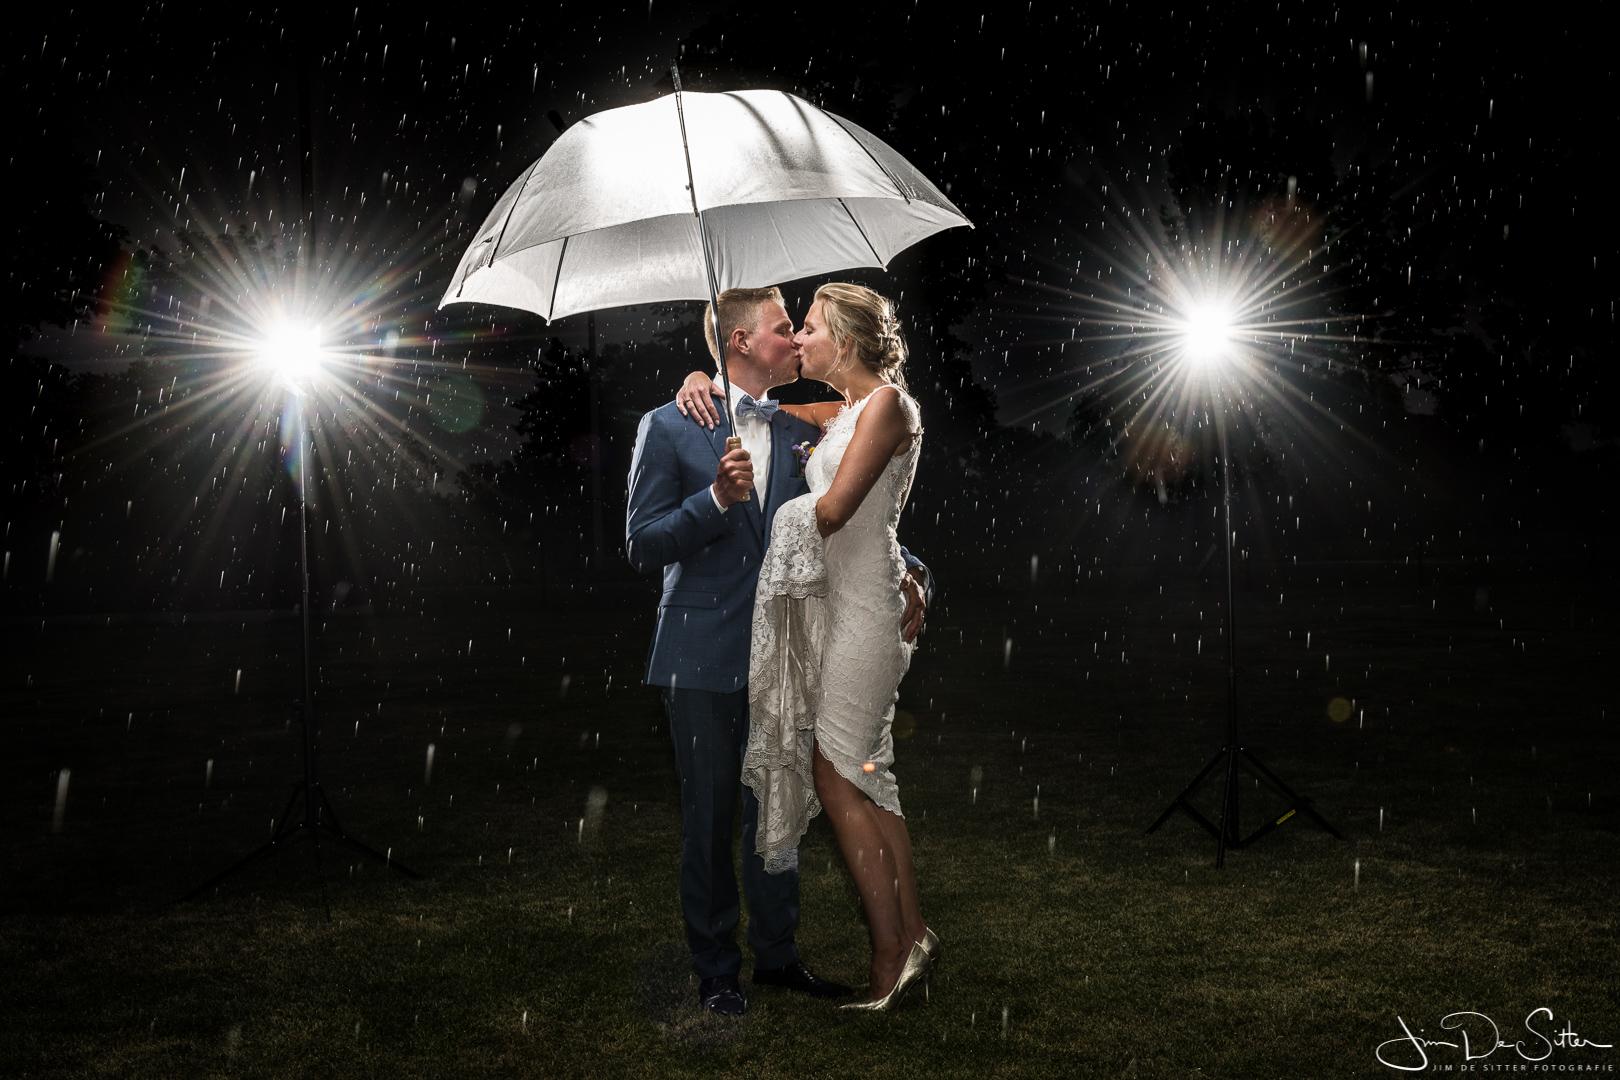 Huwelijksfotograaf Jim De Sitter : trouwfoto in de regen